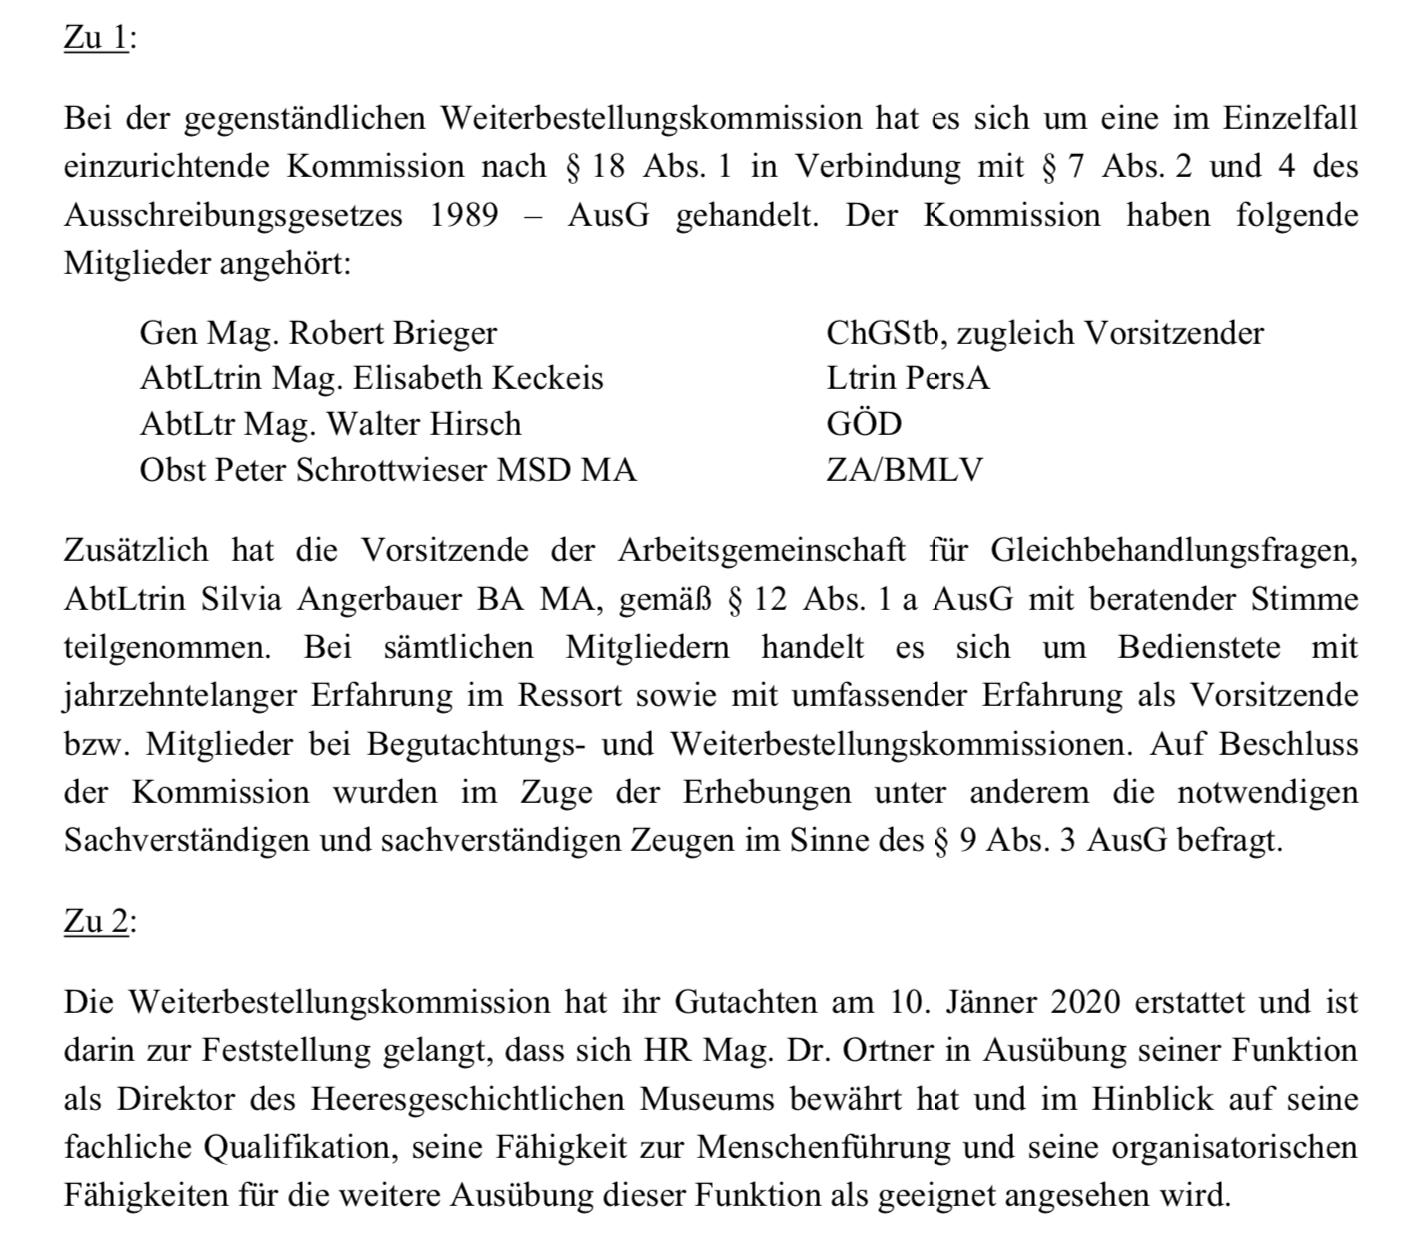 Anfragebeantwortung zur Weiterbestellungskommission HGM-Direktor Ortner